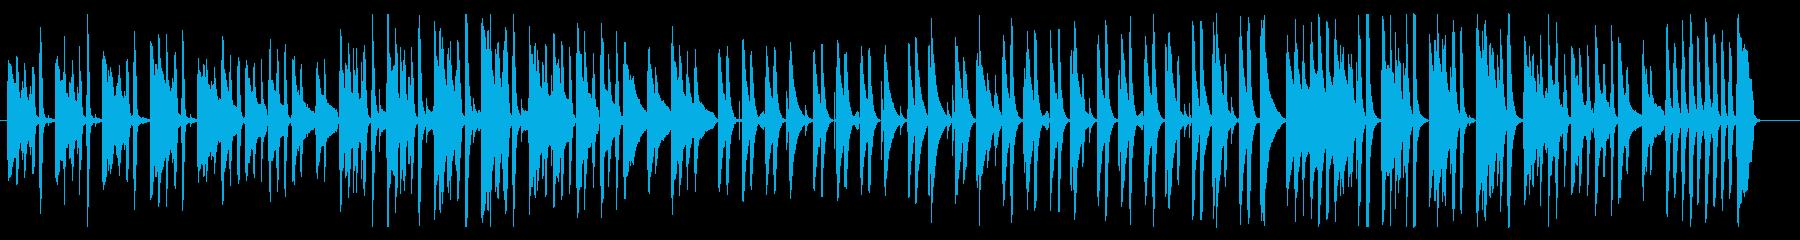 カワイイ・コミカルな雰囲気のインストの再生済みの波形